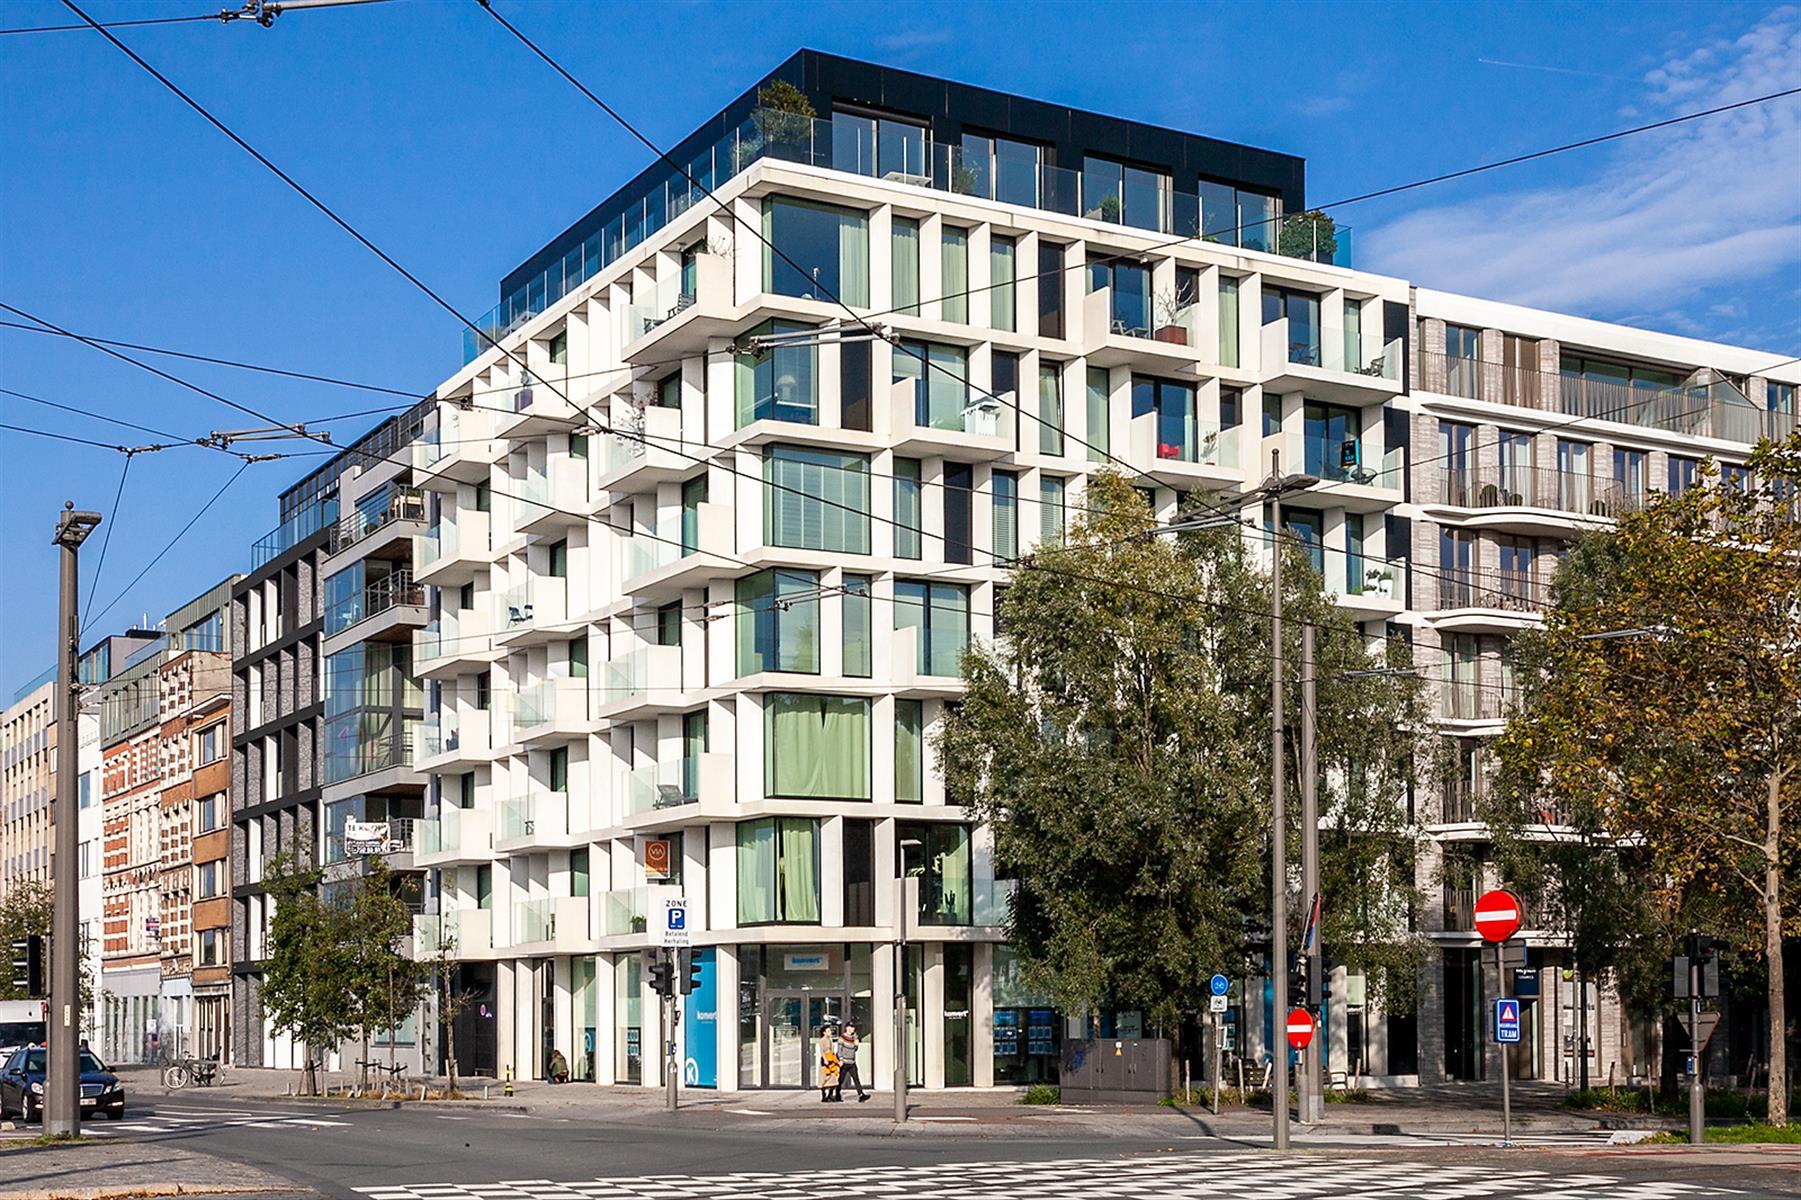 Uitzonderlijk appartement van ca 80m2 gelegen op de 5de verdieping in de oogverblindende residentie Melopee.